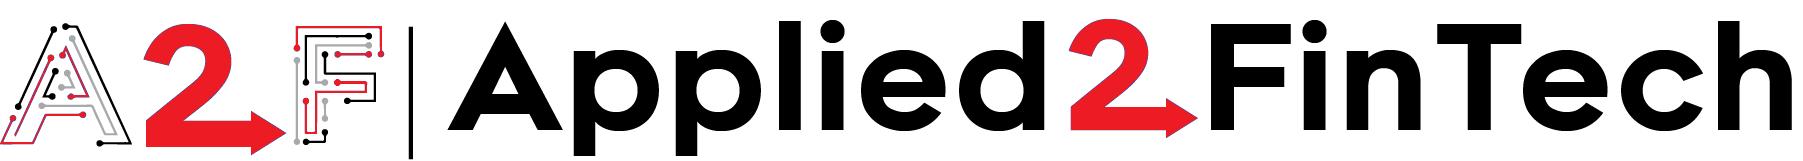 App2FinTech - red.png